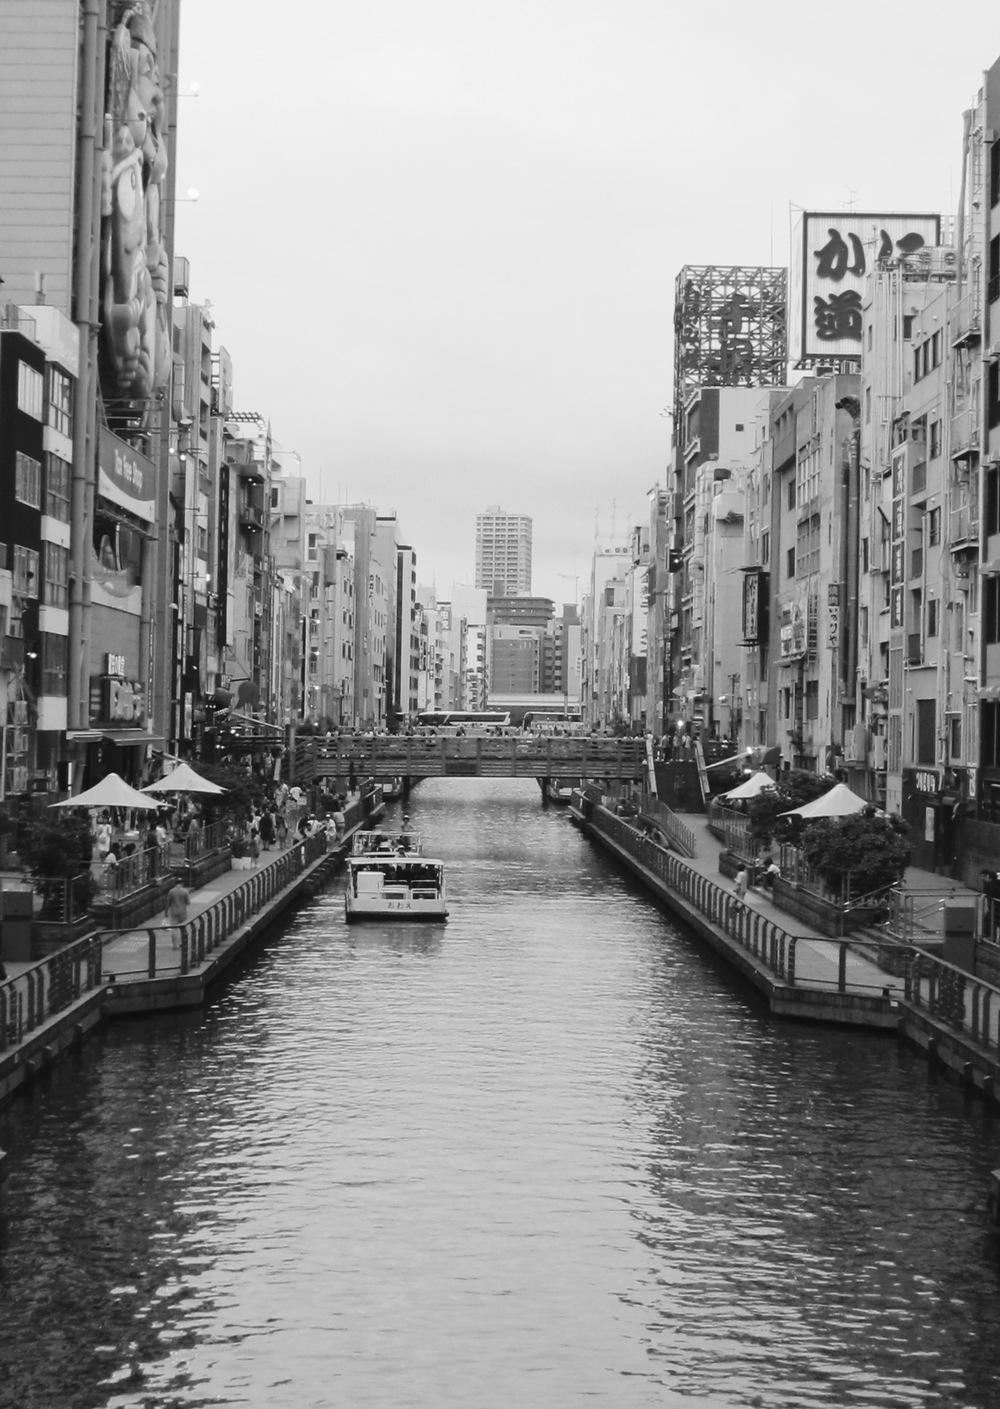 心斎橋、大阪市 2015年4月 © Wolfgang Schwentker